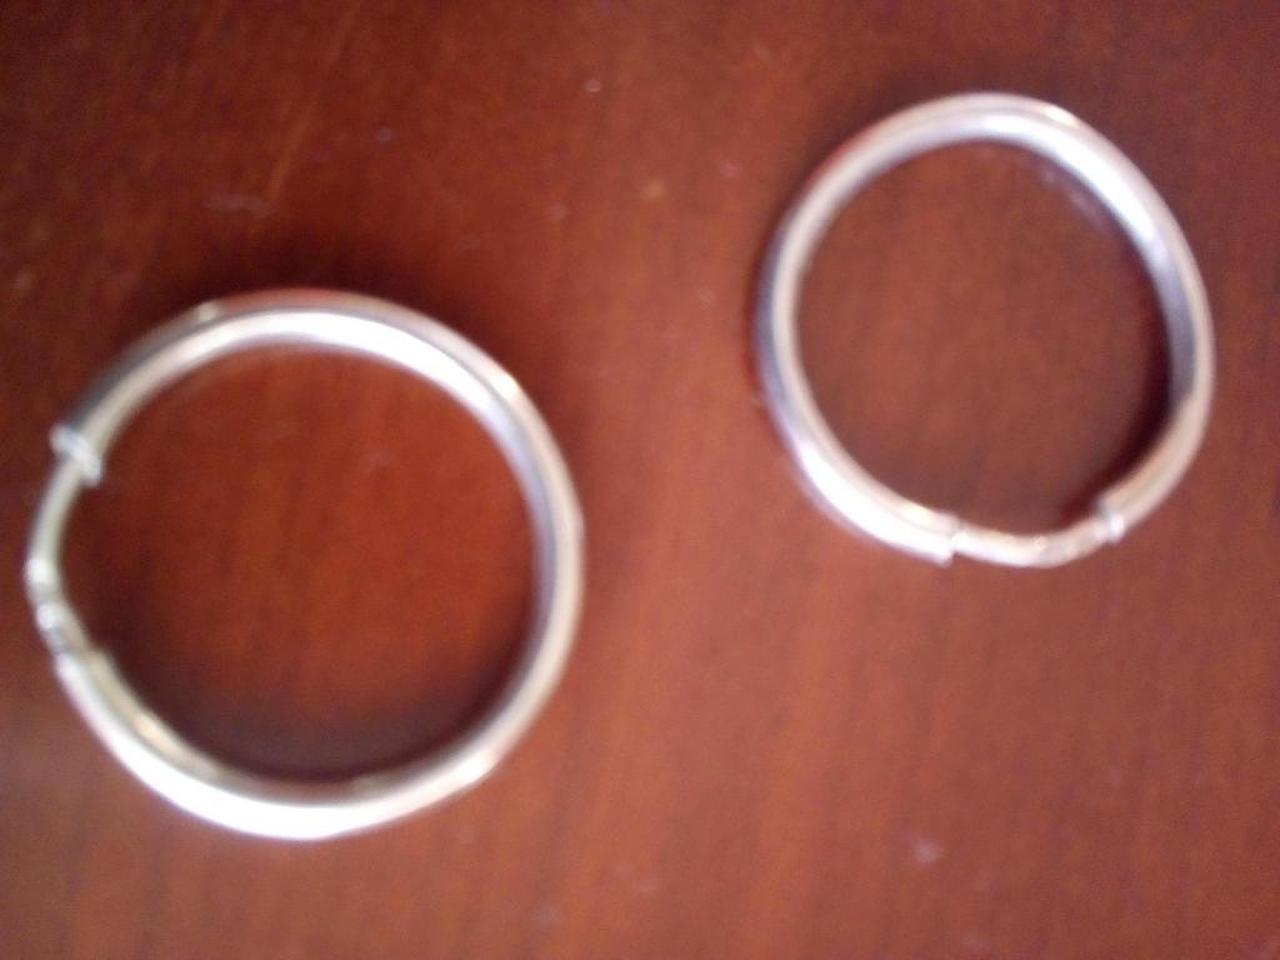 Conjunto: Pulseira, pendente/berloque  e argolas, em prata de lei. - 2/4